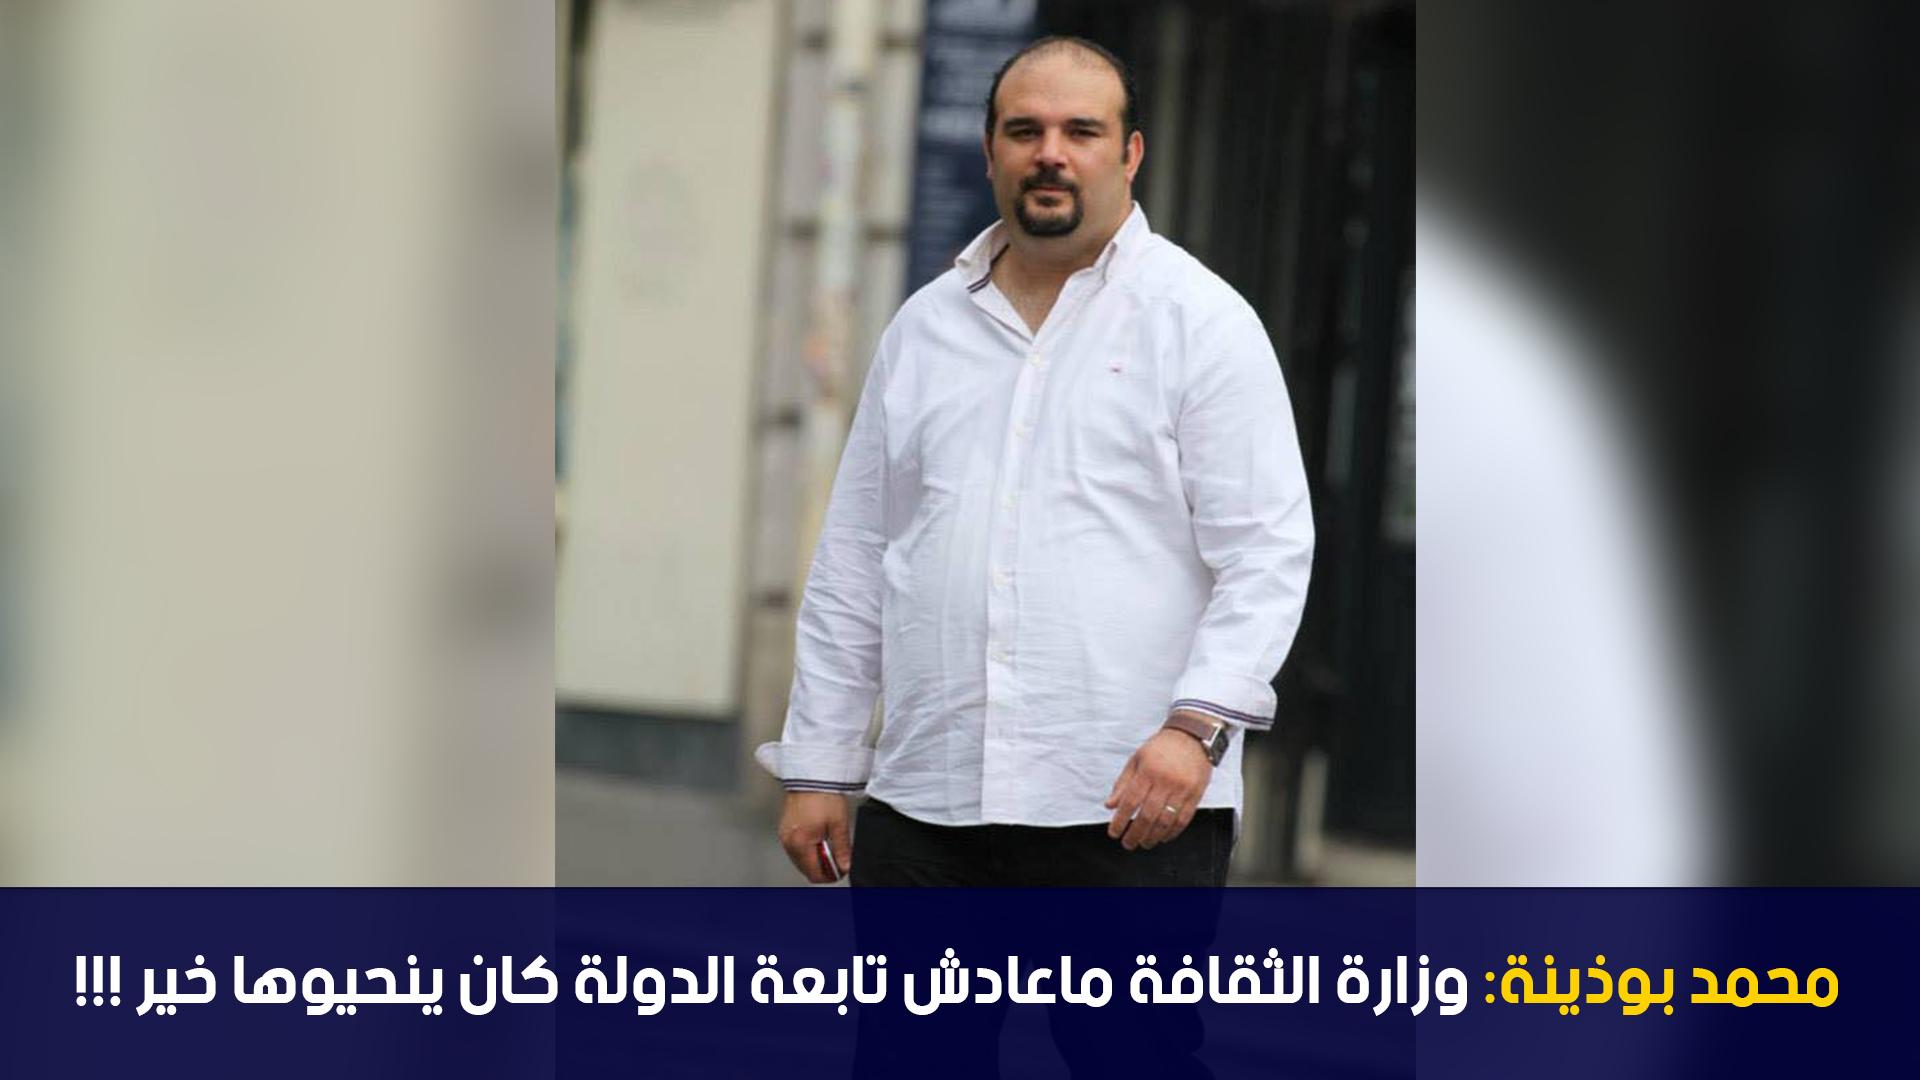 محمد بوذينة: وزارة الثقافة ماعادش تابعة الدولة كان ينحيوها خير !!!